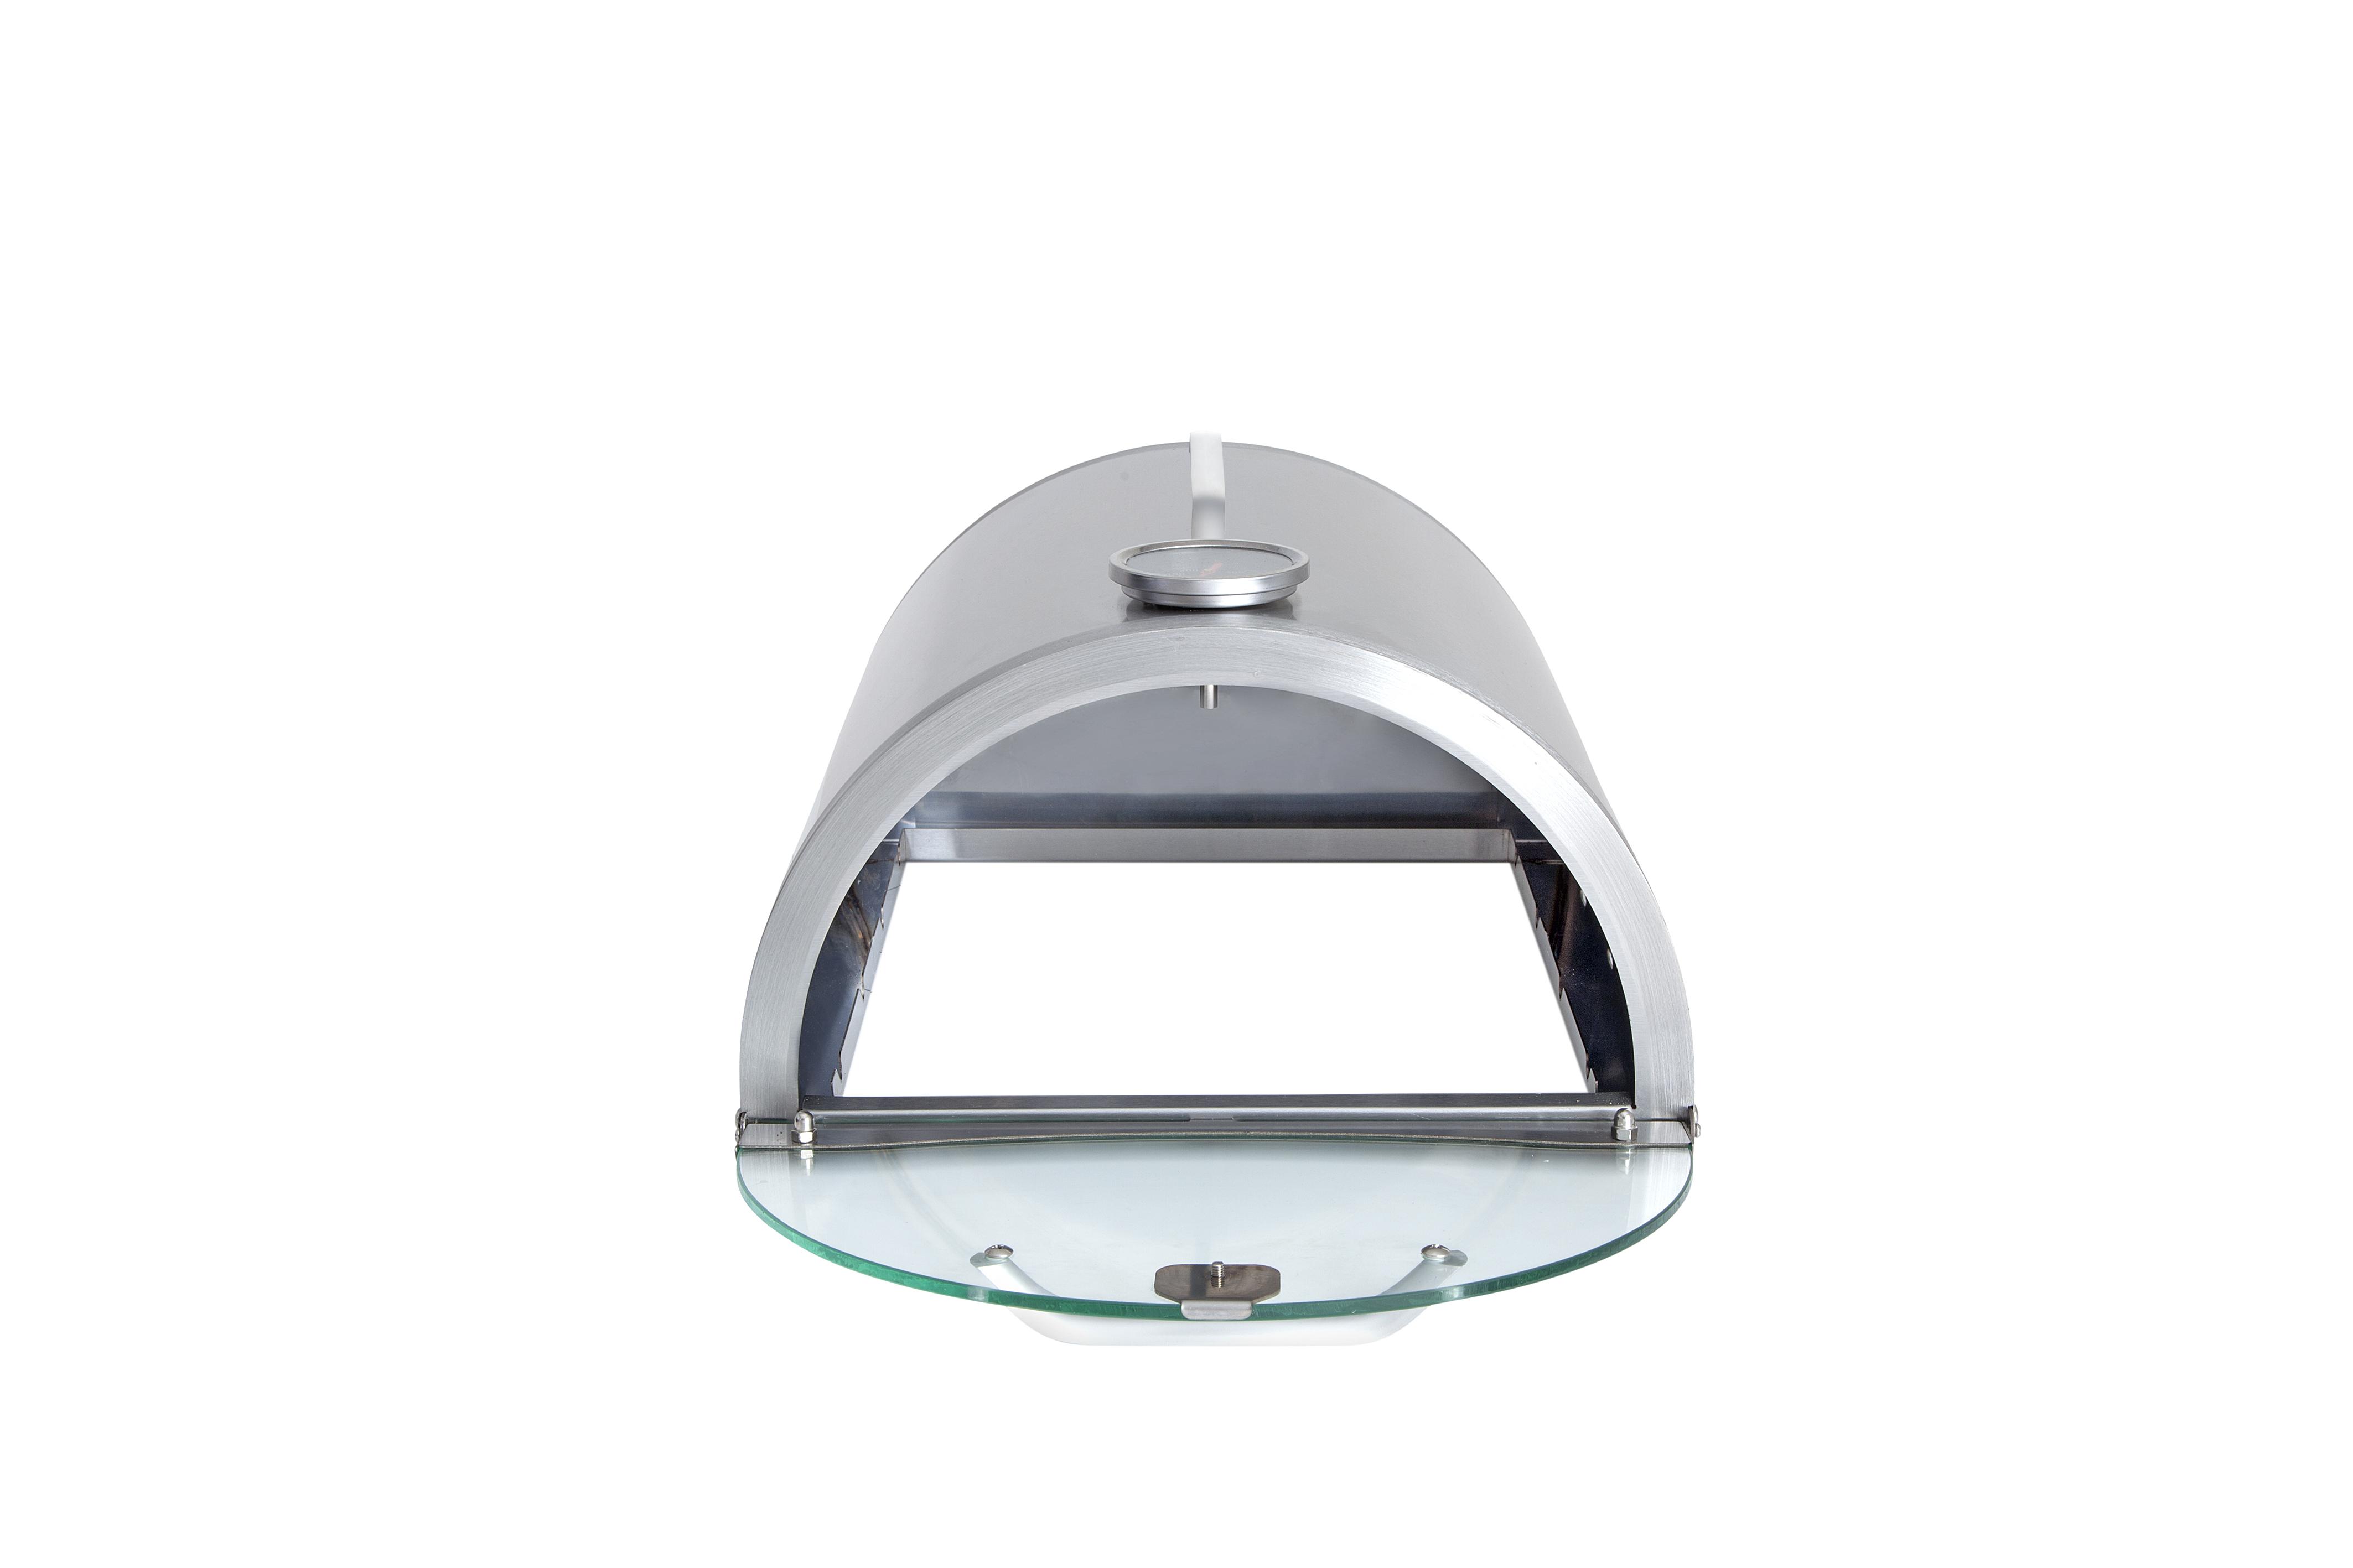 Pizzabox mit Pizzastein - Aufsatz für Gasgrill und Gasbrenner 35x32cm Bild 3